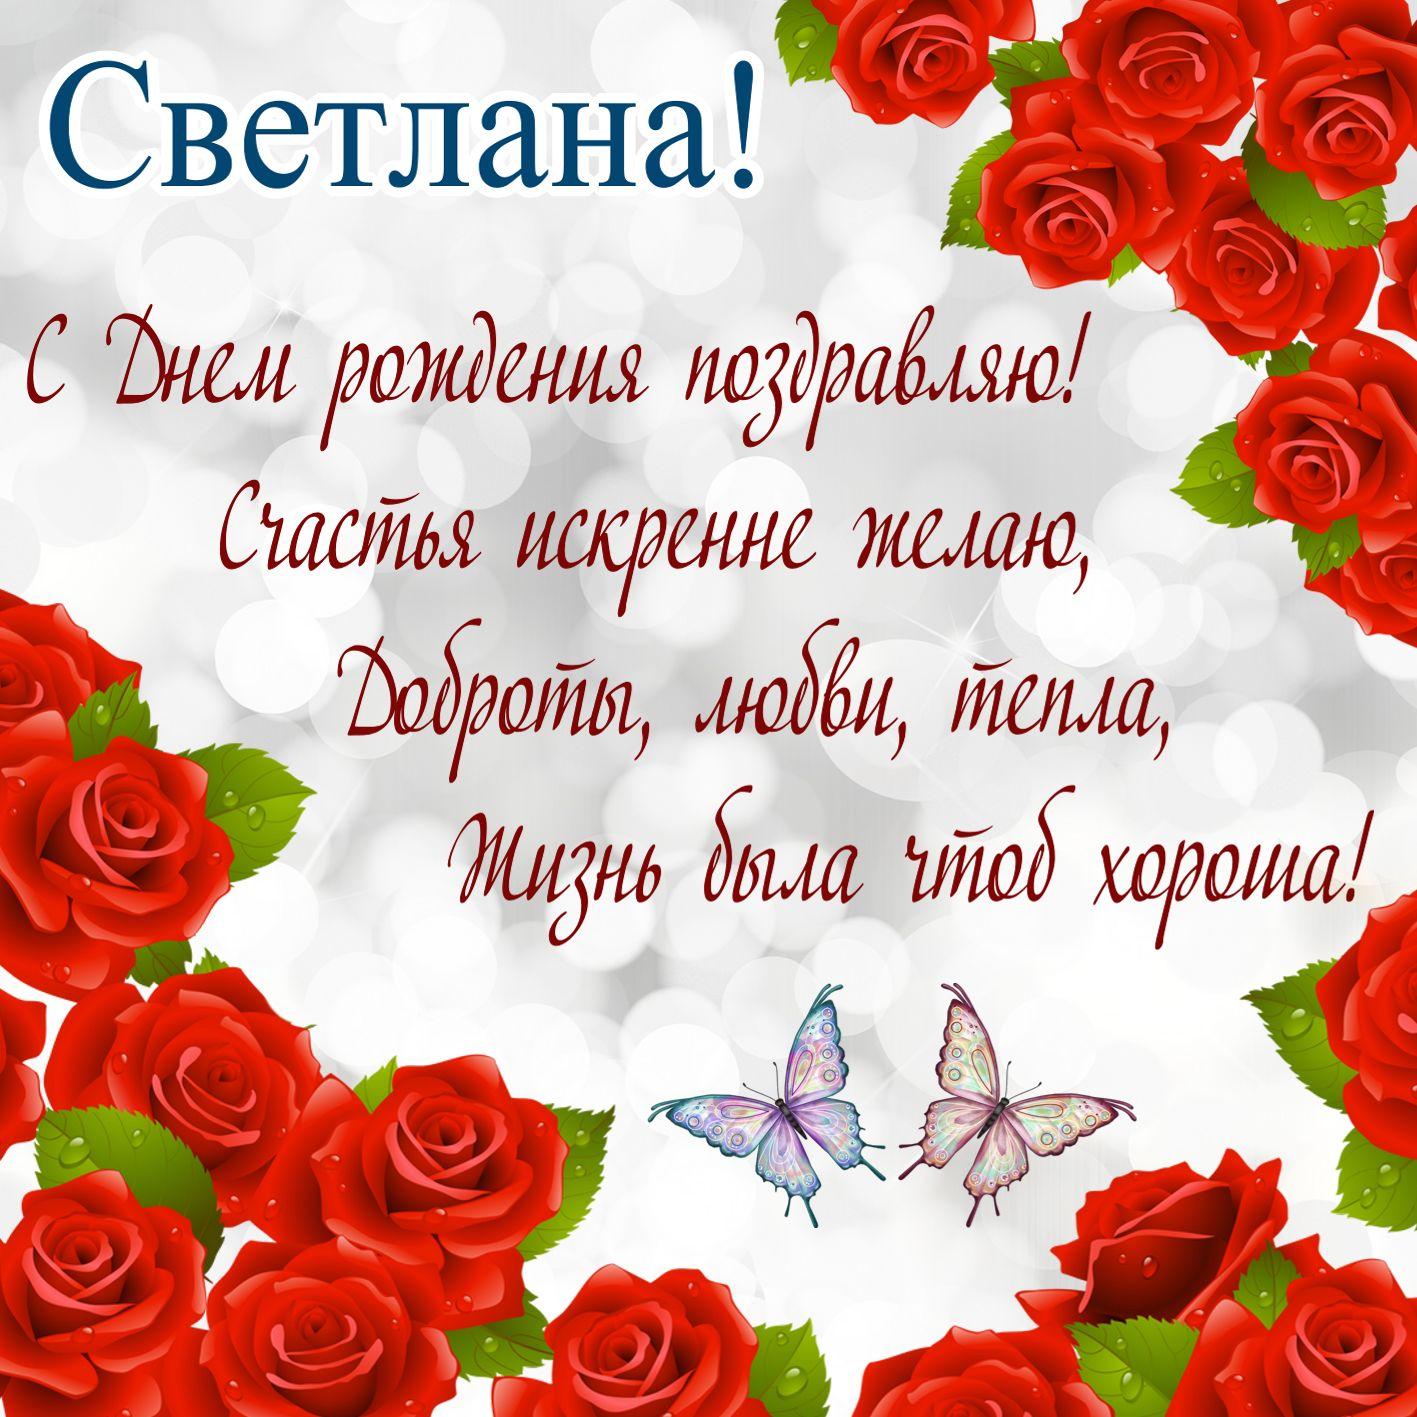 Открытка Светлане на День рождения - поздравление в оформлении из красных роз